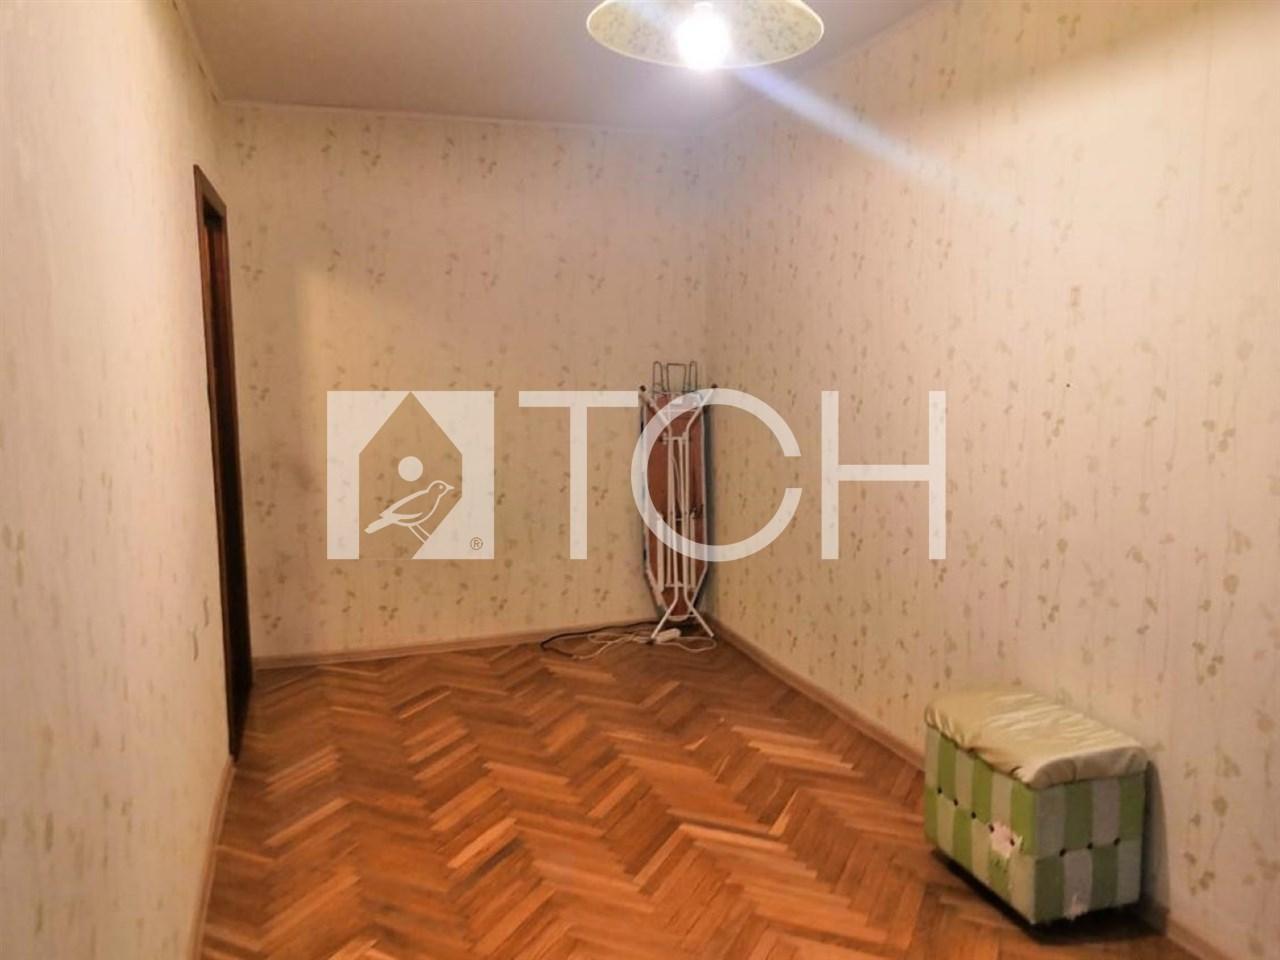 Квартира, 2 комнаты, 44 м² в Ивантеевке 89261425000 купить 3